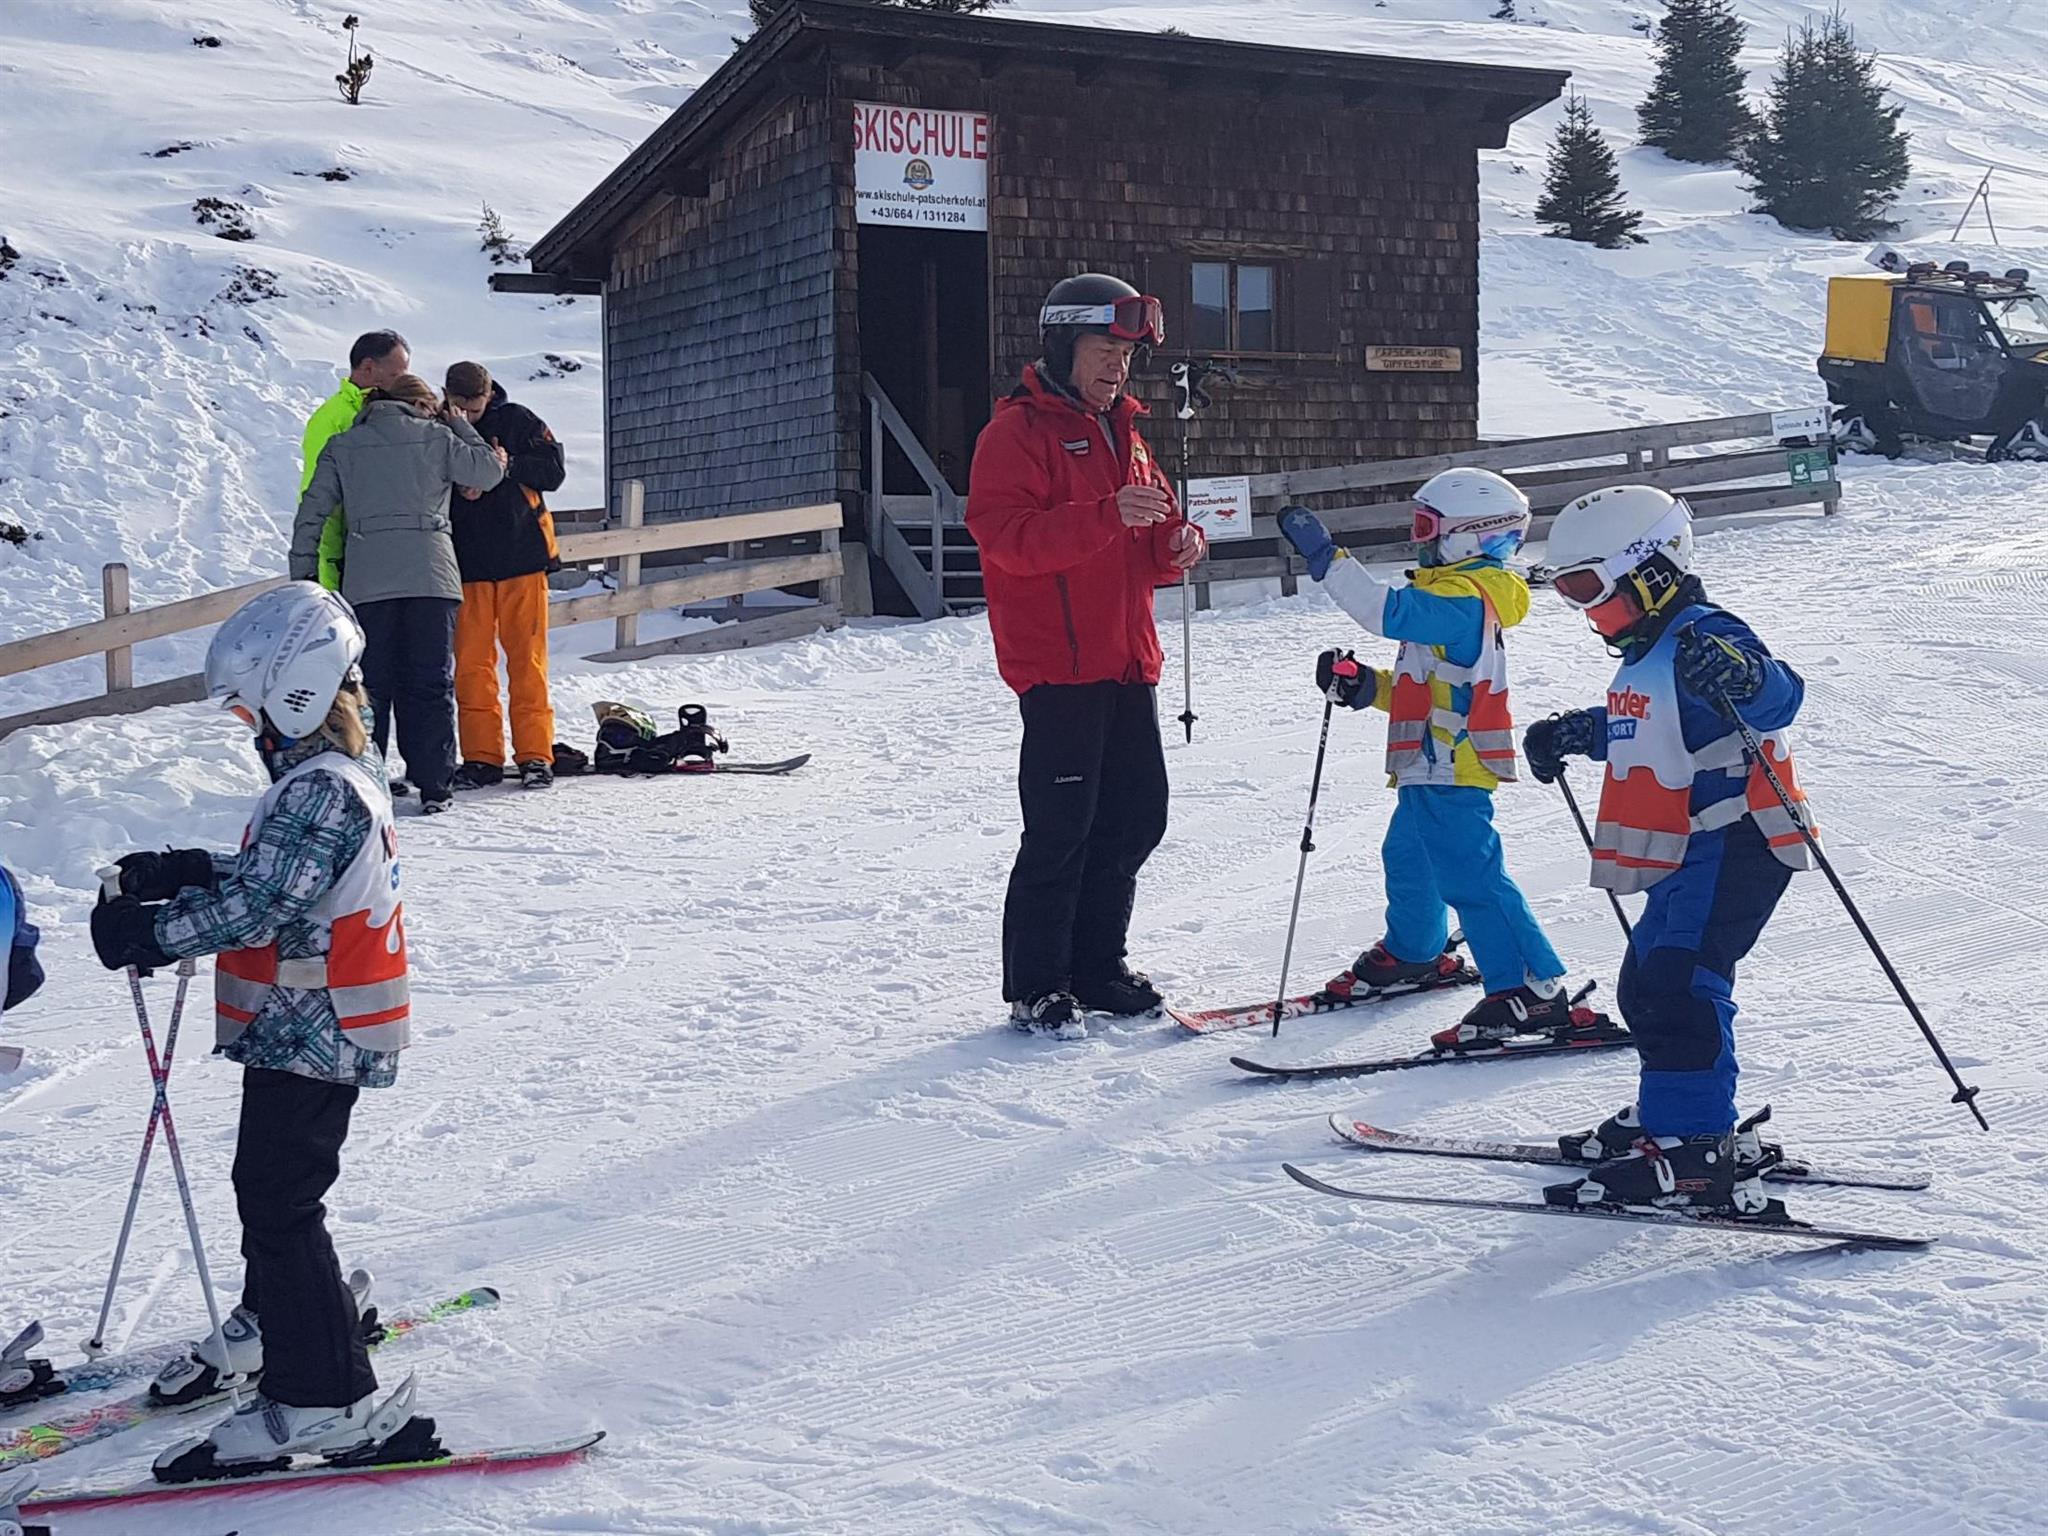 Privat Skischule Patscherkofel